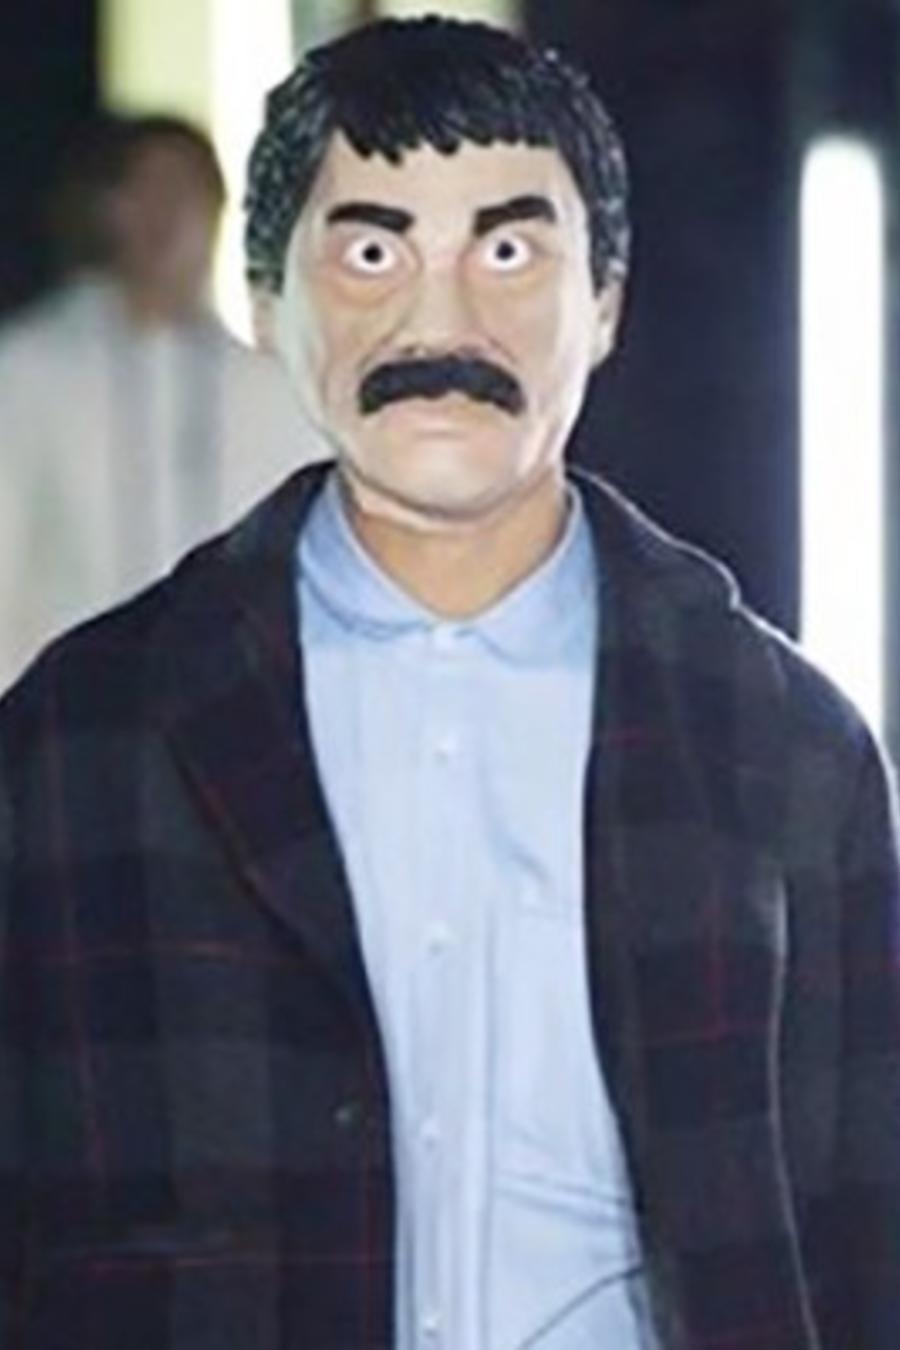 Modelo en desfile con máscara de 'El Chapo'